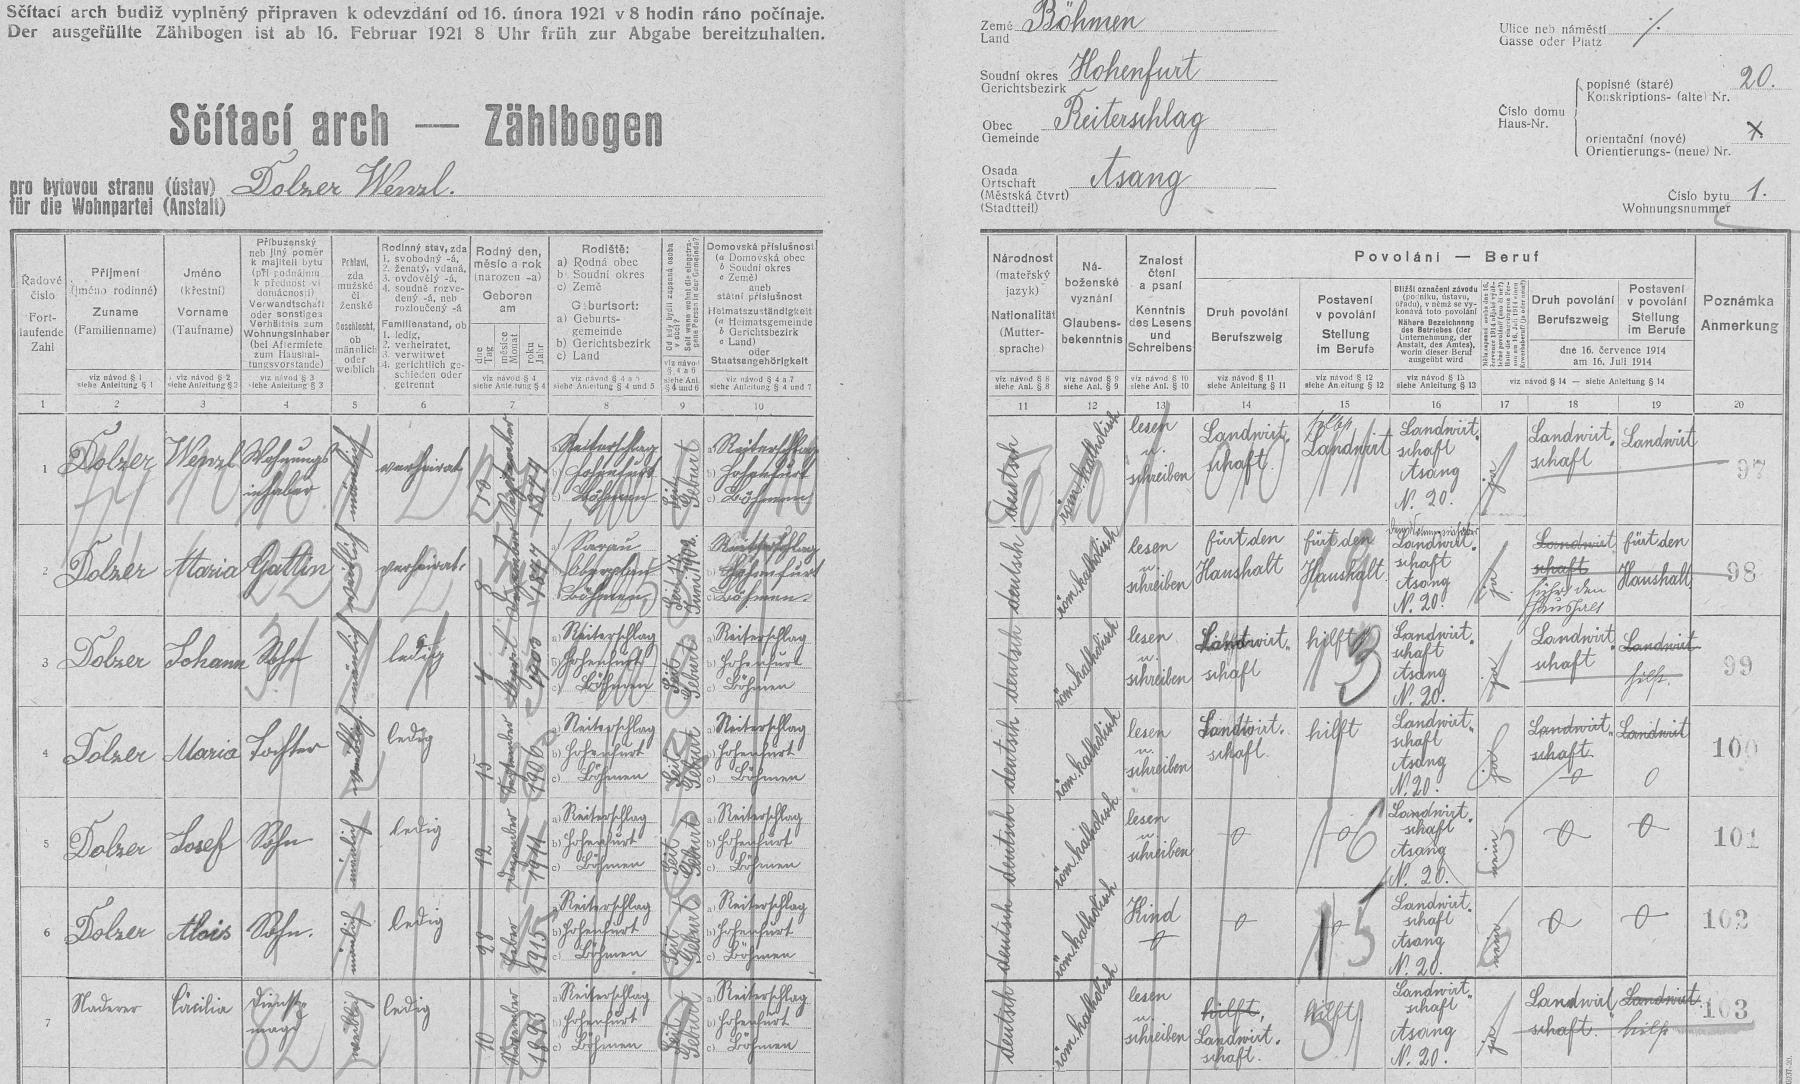 """Arch sčítání lidu z roku 1921 pro dům v Jasánkách čp. 20 (usedlostní jméno """"Peterwenzl-Haus""""), kde se narodil a kde přišel na svět i jeho otec Johann (*7. dubna 1900) jako syn Wenzla Dolzera (*13. září 1874) a Marie, roz. Wimbergerové (*8. prosince 1877) ze zaniklé Kozí Stráně (Geisleiten) čp. 17. Tu křtil v zaniklé Dolní Vltavici (Untermoldau) tamní farář Augustin Wrtílek (1834-1898), rodák z Českých Budějovic"""